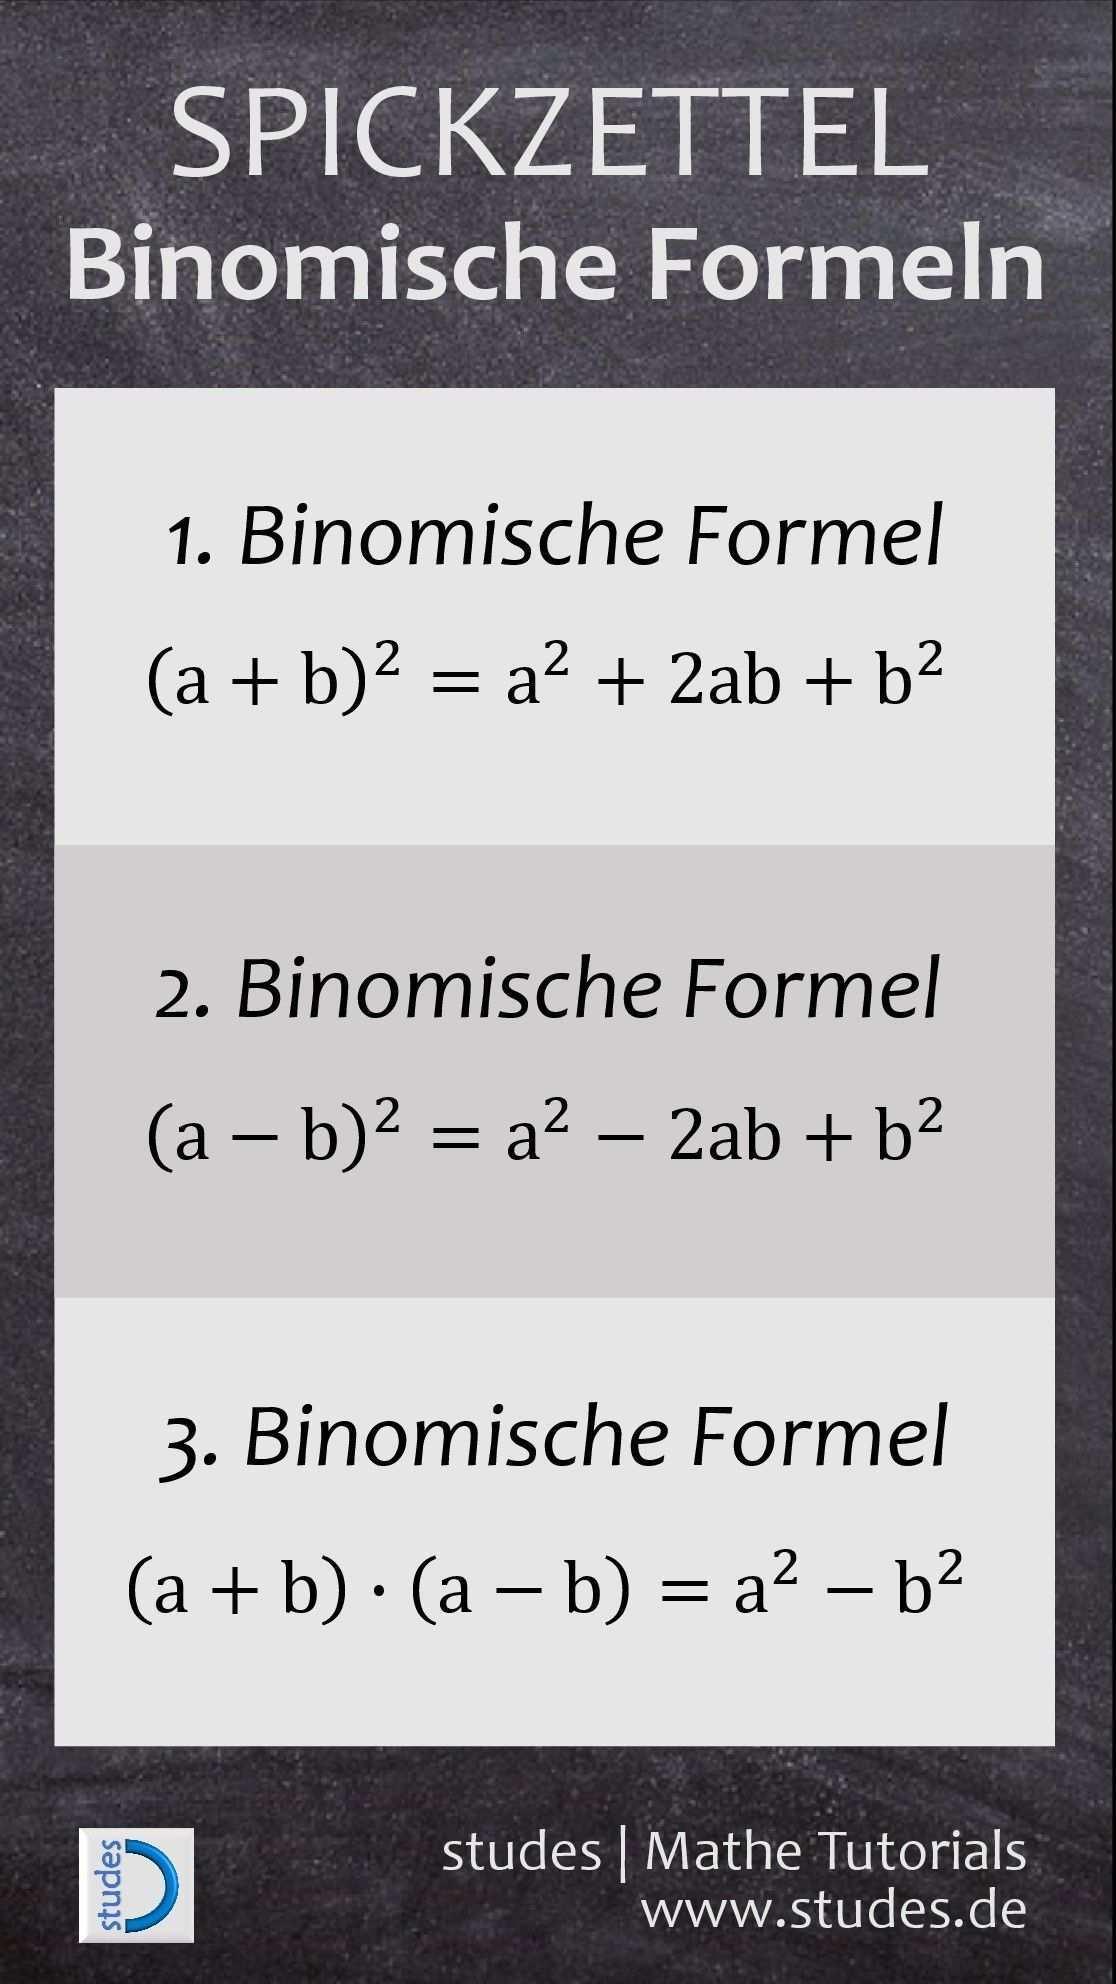 Binomische Formeln Weitere Spickzettel Und Erklarungen Auf Studes De Mathe Mathematik Binomische Fo Nachhilfe Mathe Binomische Formeln Mathematik Lernen